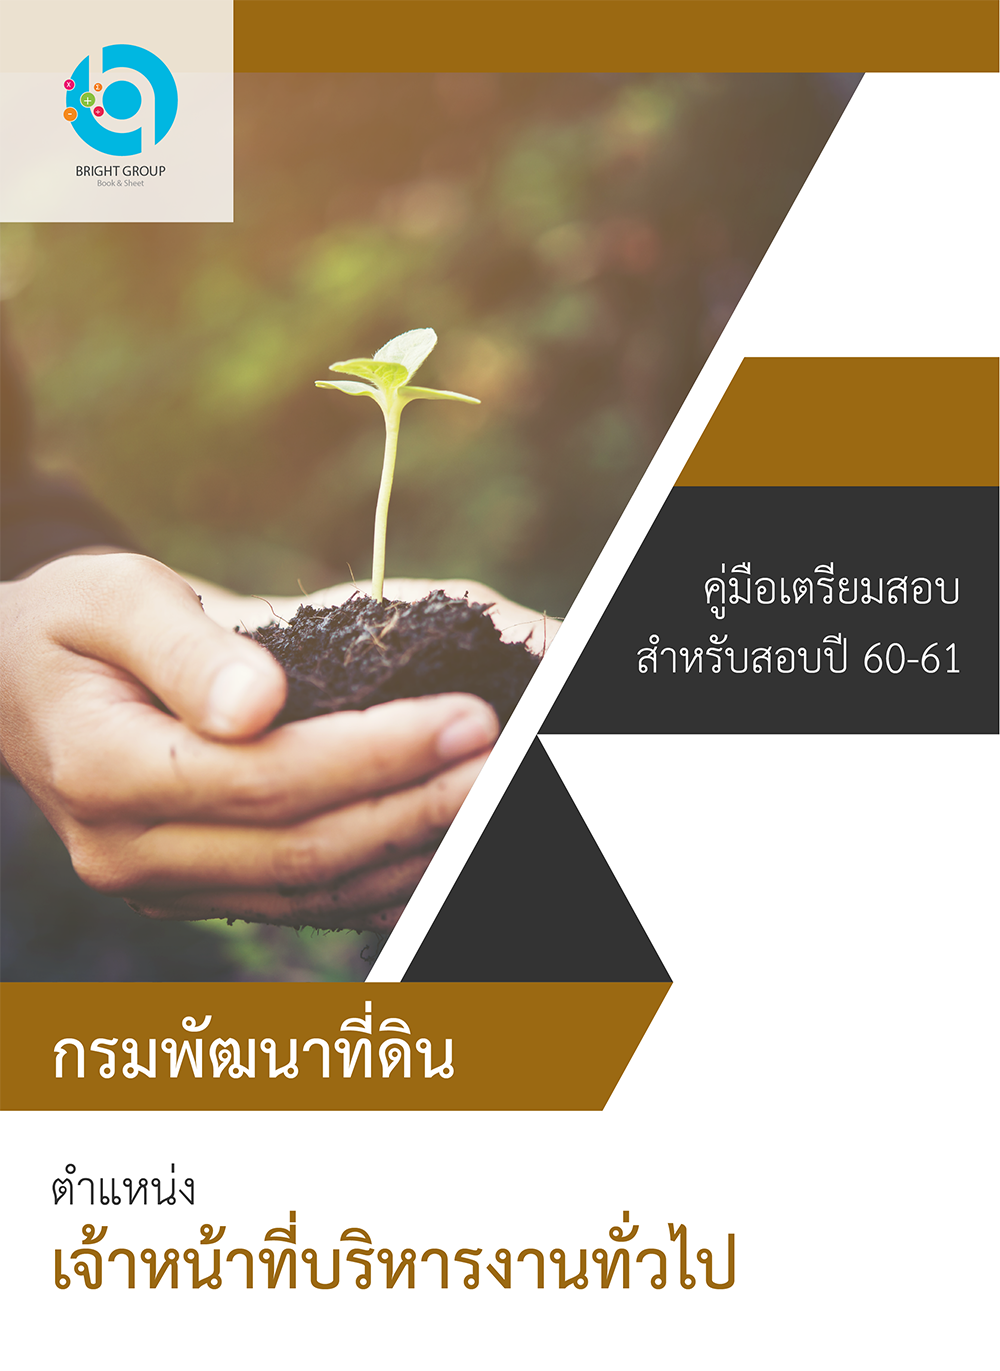 แนวข้อสอบ เจ้าหน้าที่บริหารงานทั่วไป กรมพัฒนาที่ดิน